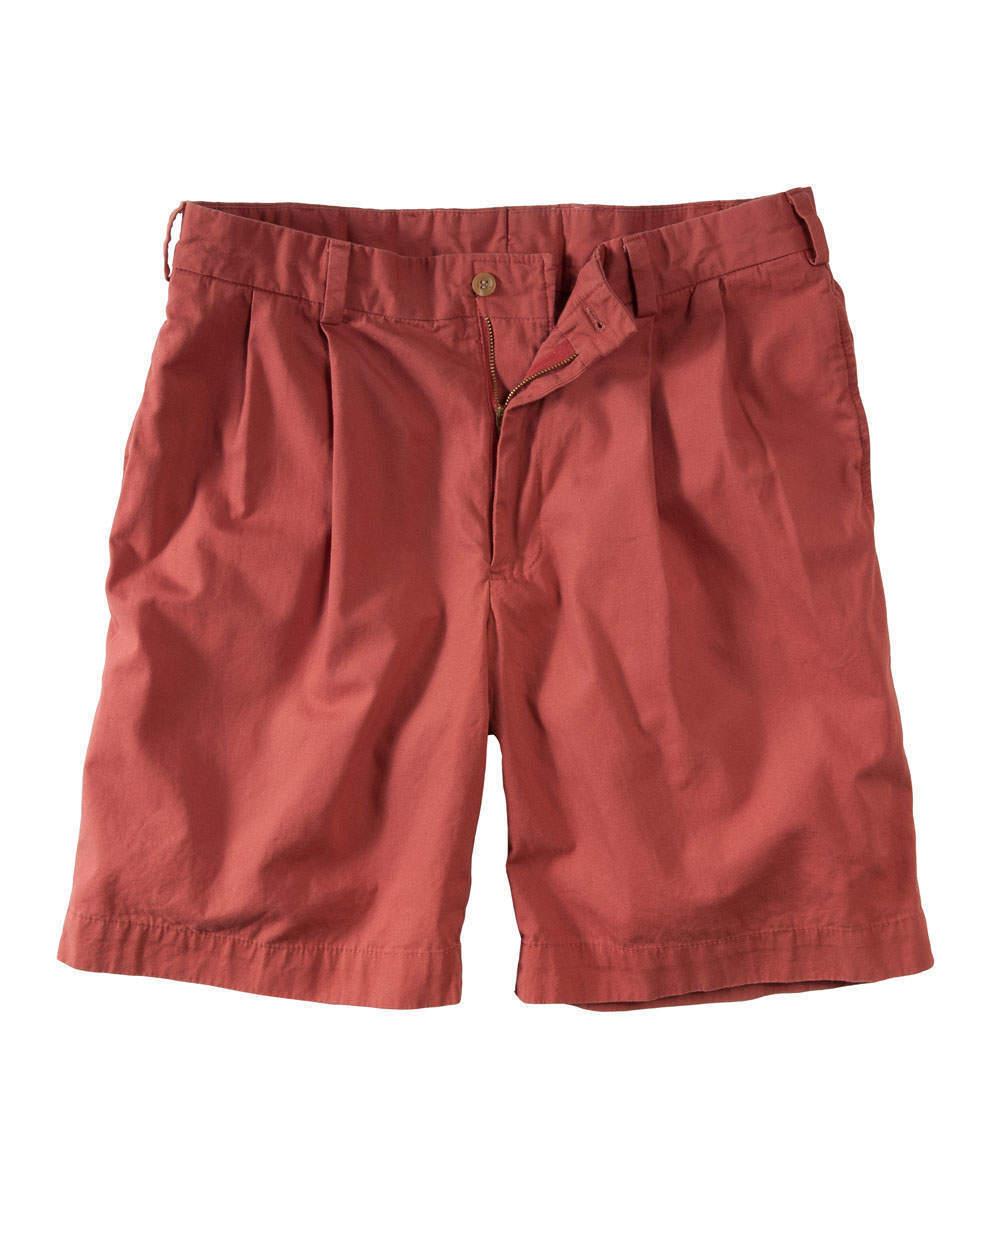 NWT  Bills Khakis Poplin M2 Pleated Shorts WRPB Red SZ 33